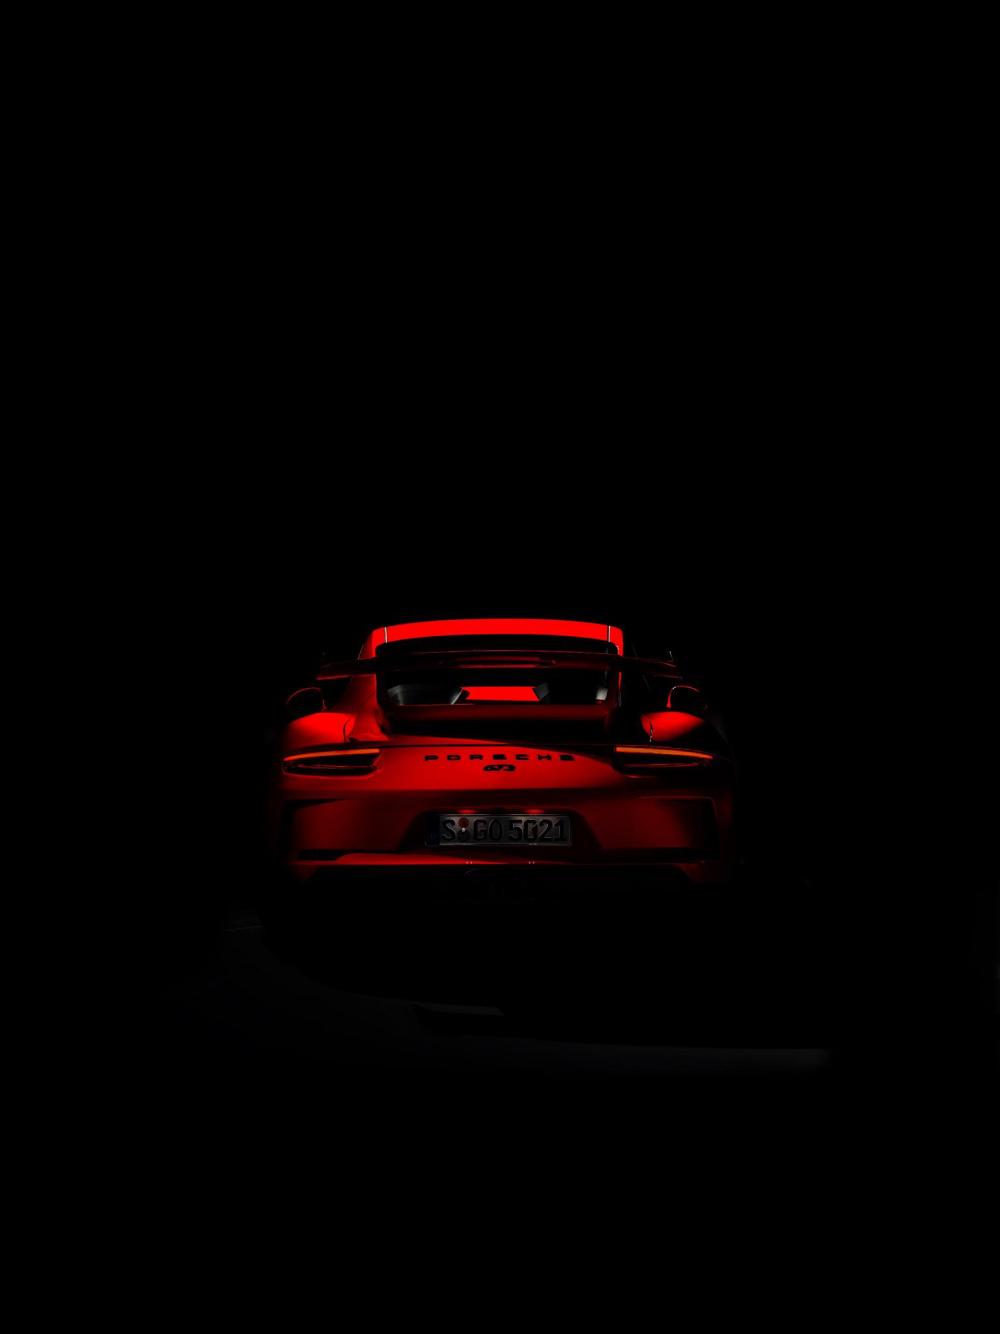 Porsche Wallpaper Porsche Wallpaper Logo Wallpaper Hd Porsche Cars